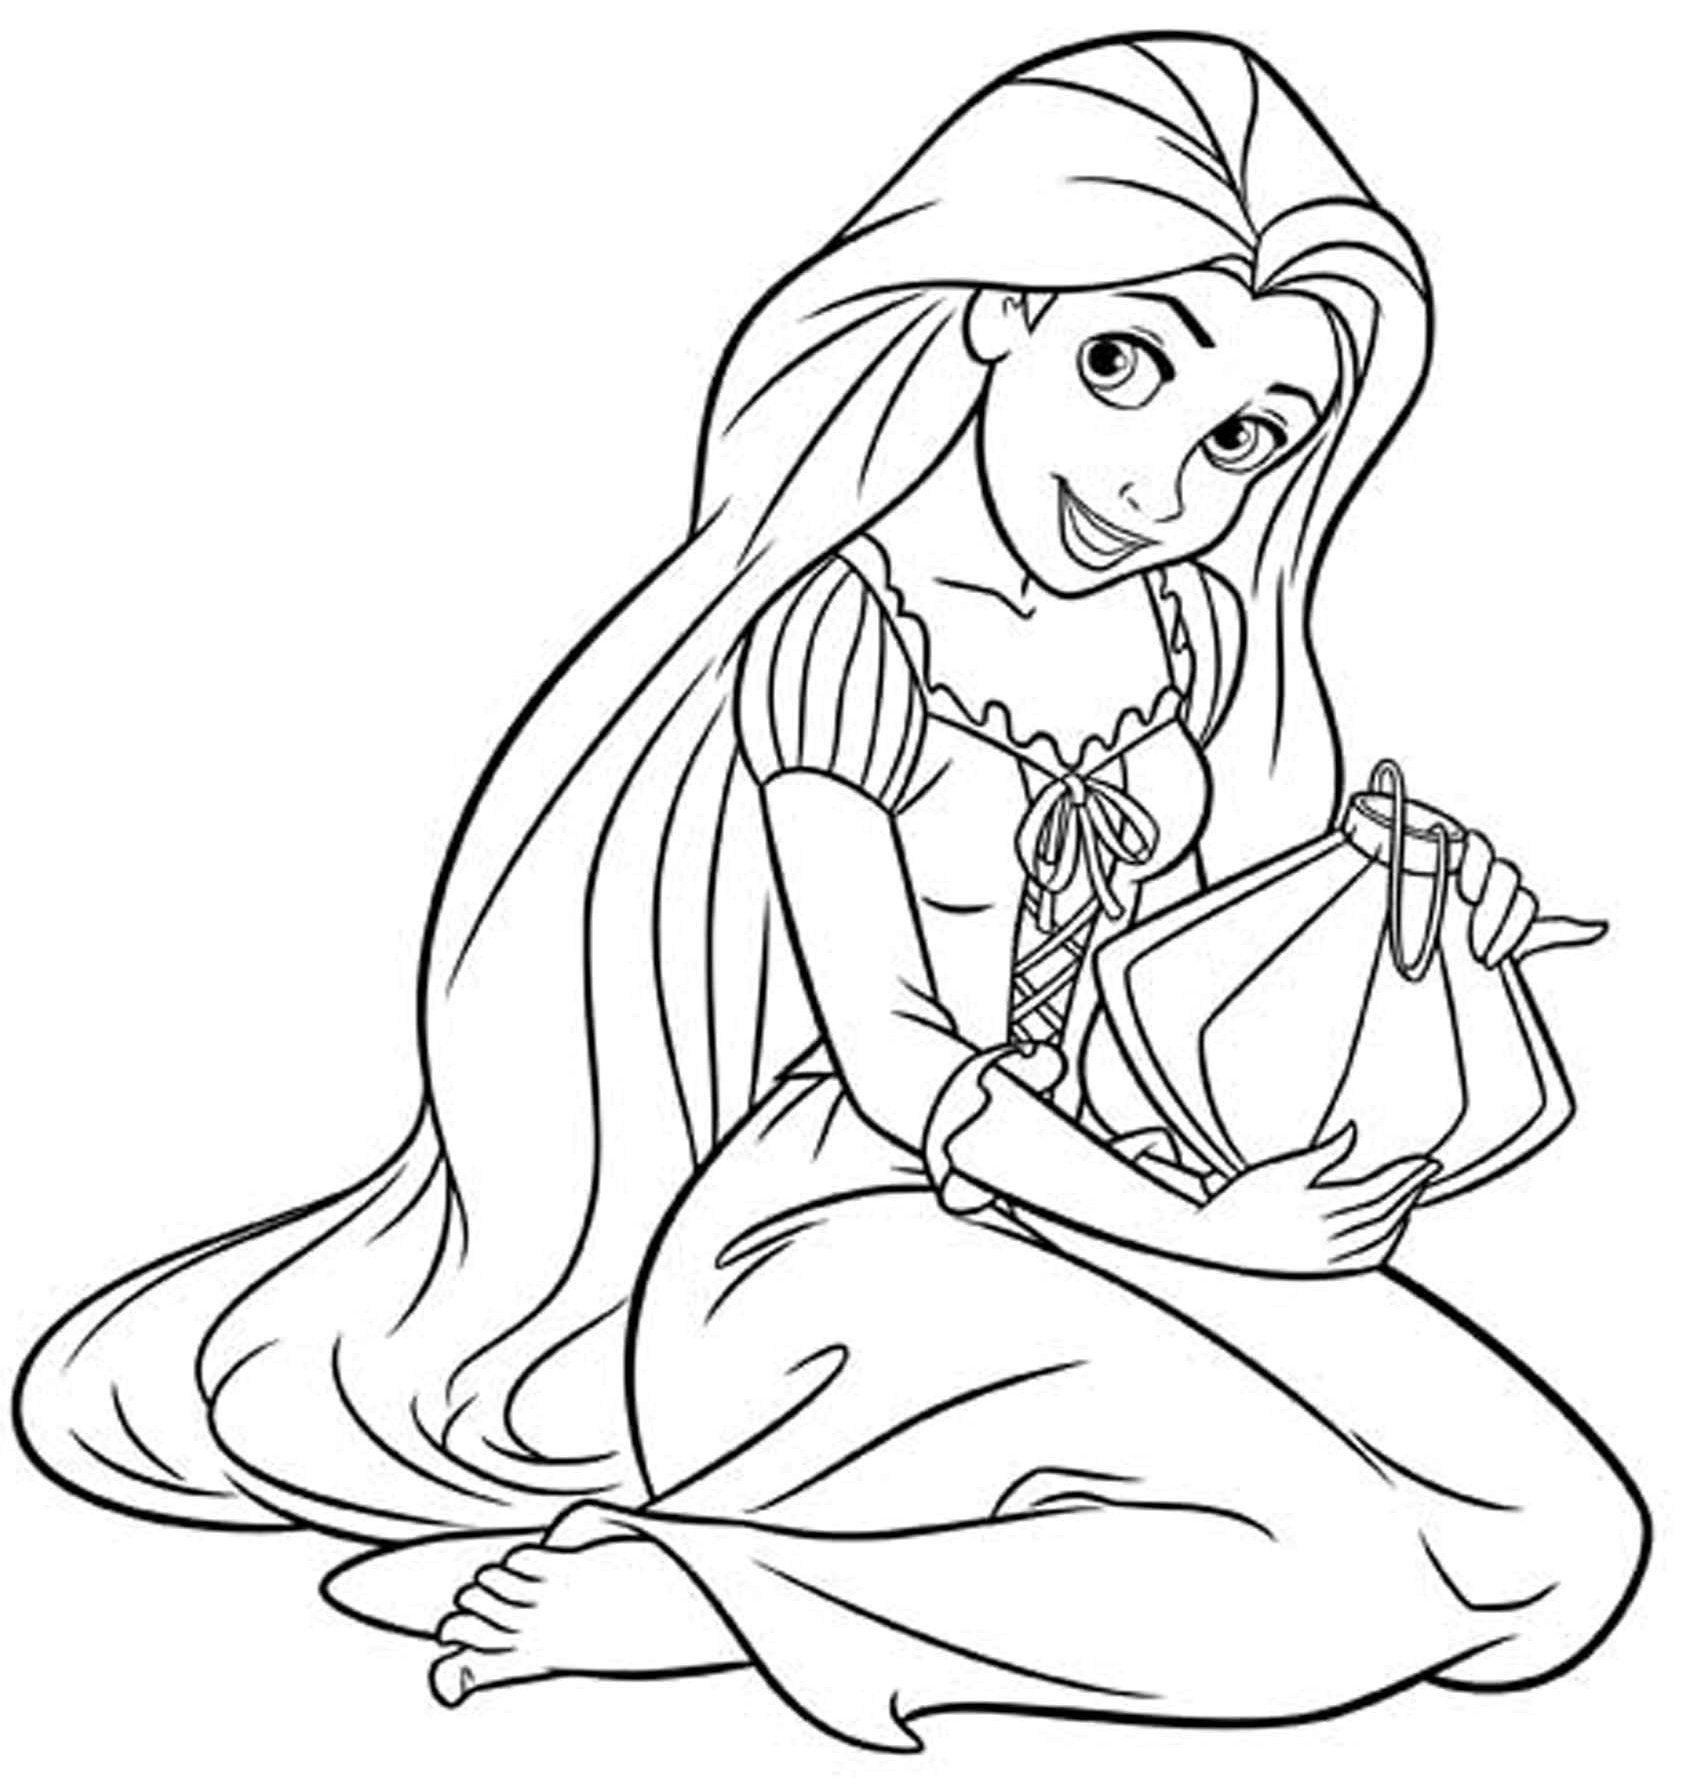 Épinglé par ColoringsWorld.com sur Princess Coloring Pages | Pinterest